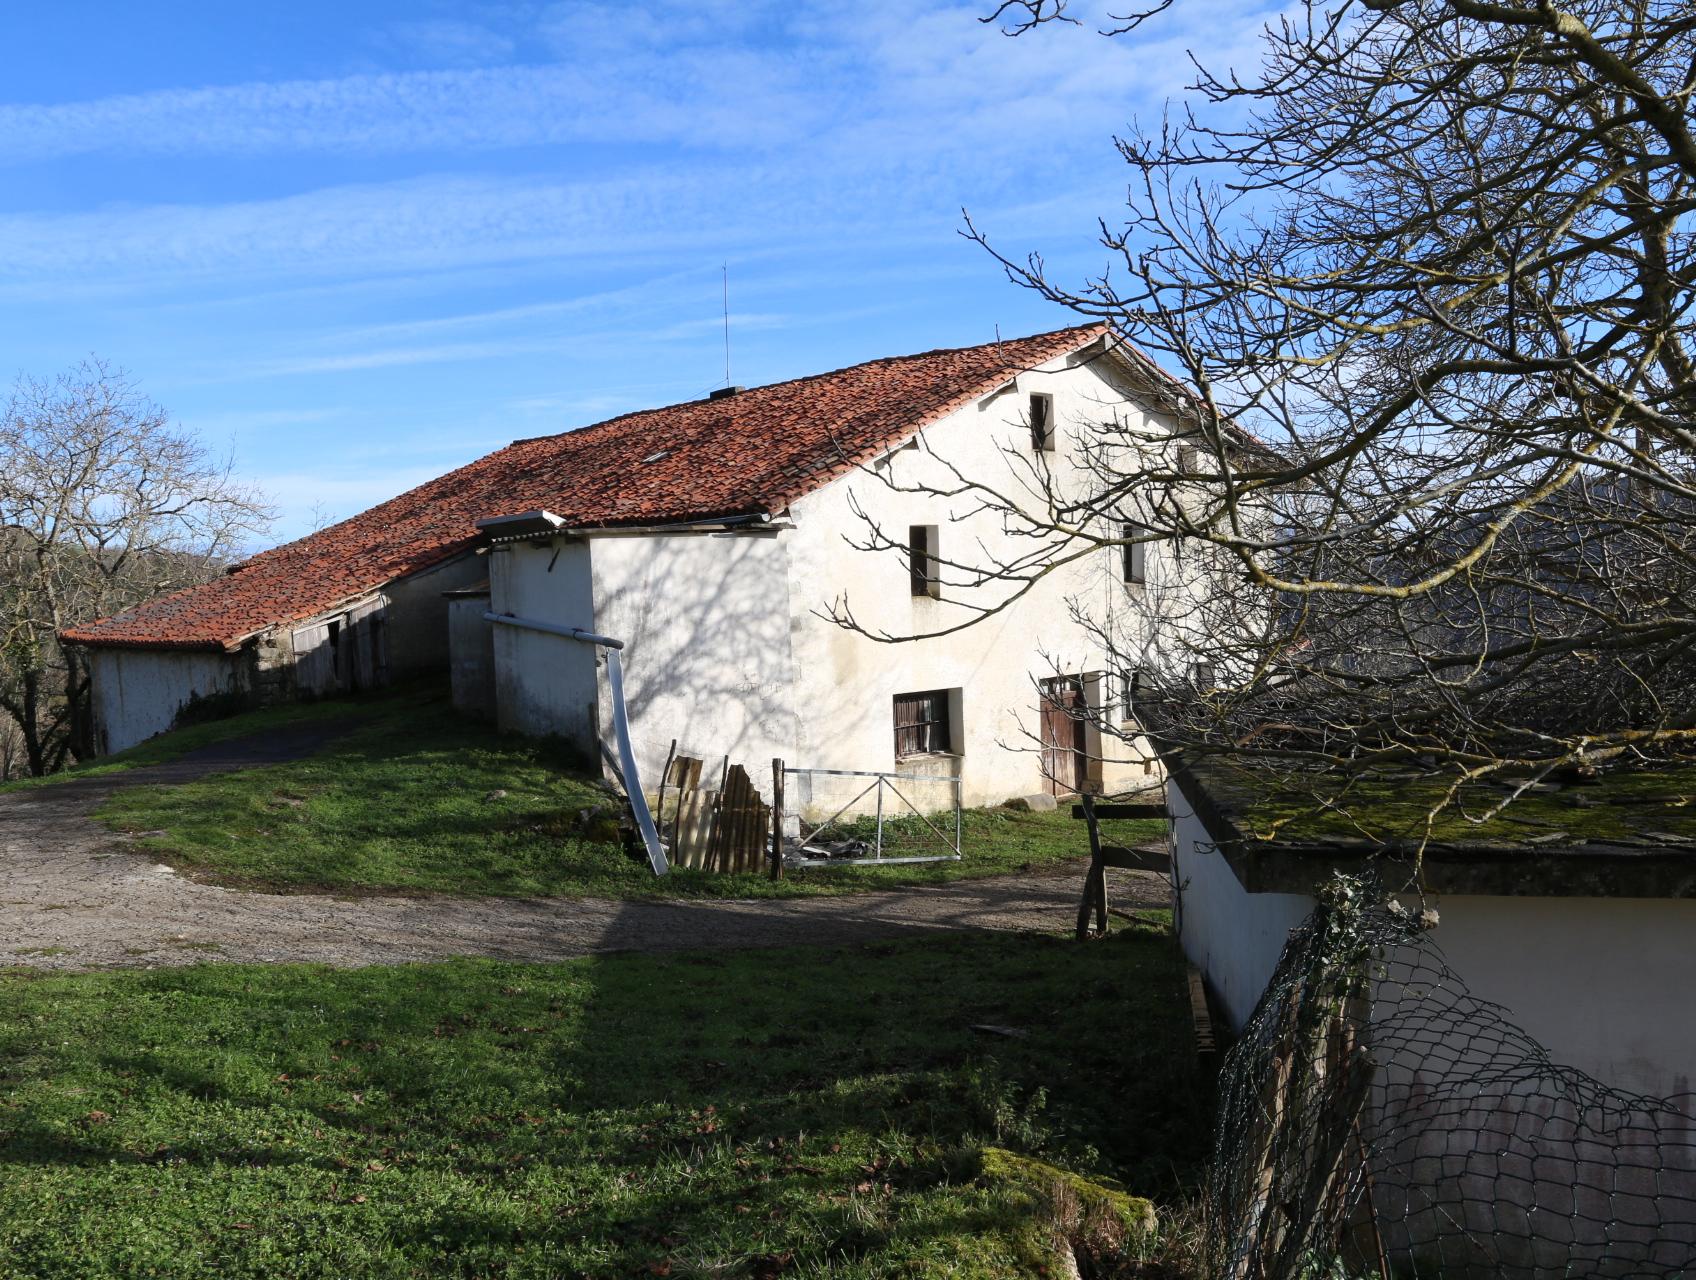 Caserío en venta en Albiztur, Tolosaldea, Gipuzkoa